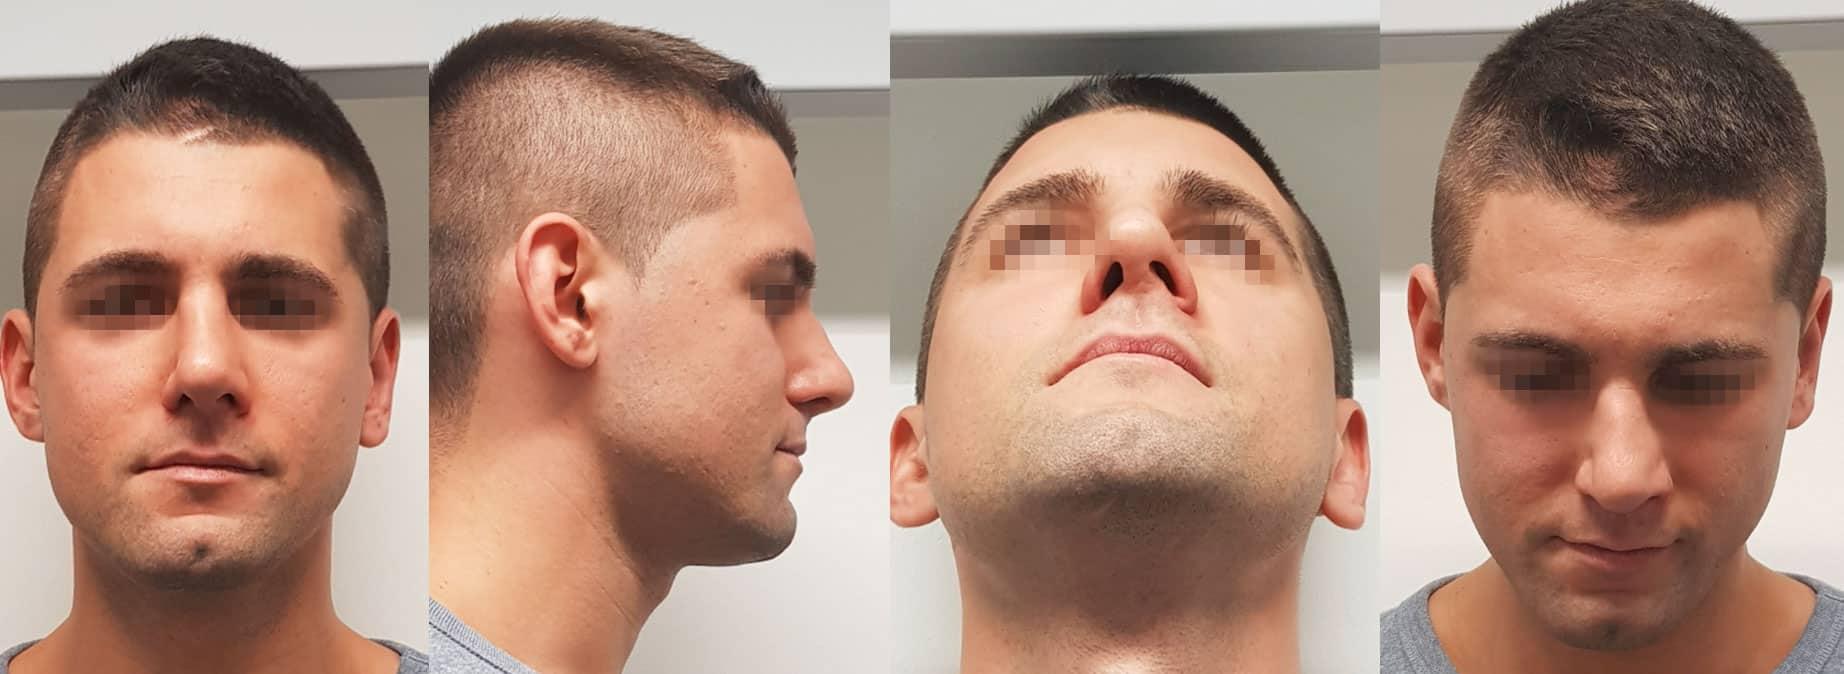 Traumatische Schiefnase, Septorhinoplastik der inneren und äußeren Nase